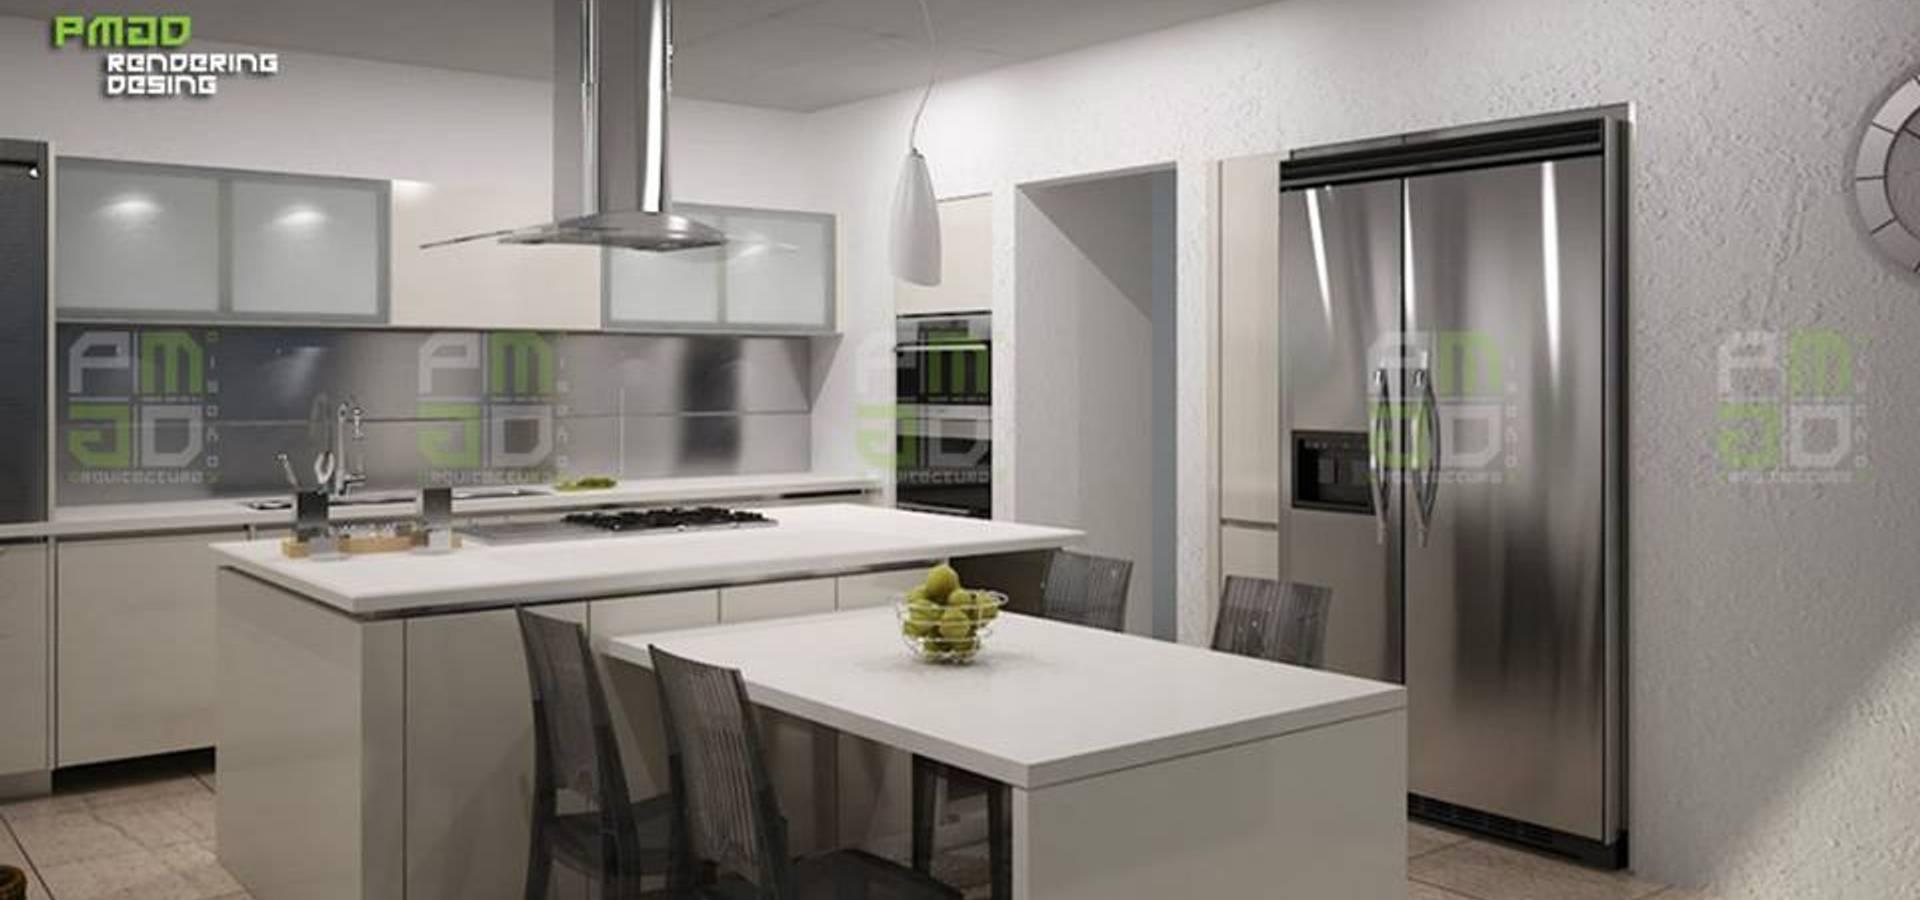 Cocinas y muebles para closet realizados de pm for Cocinas integrales imaga